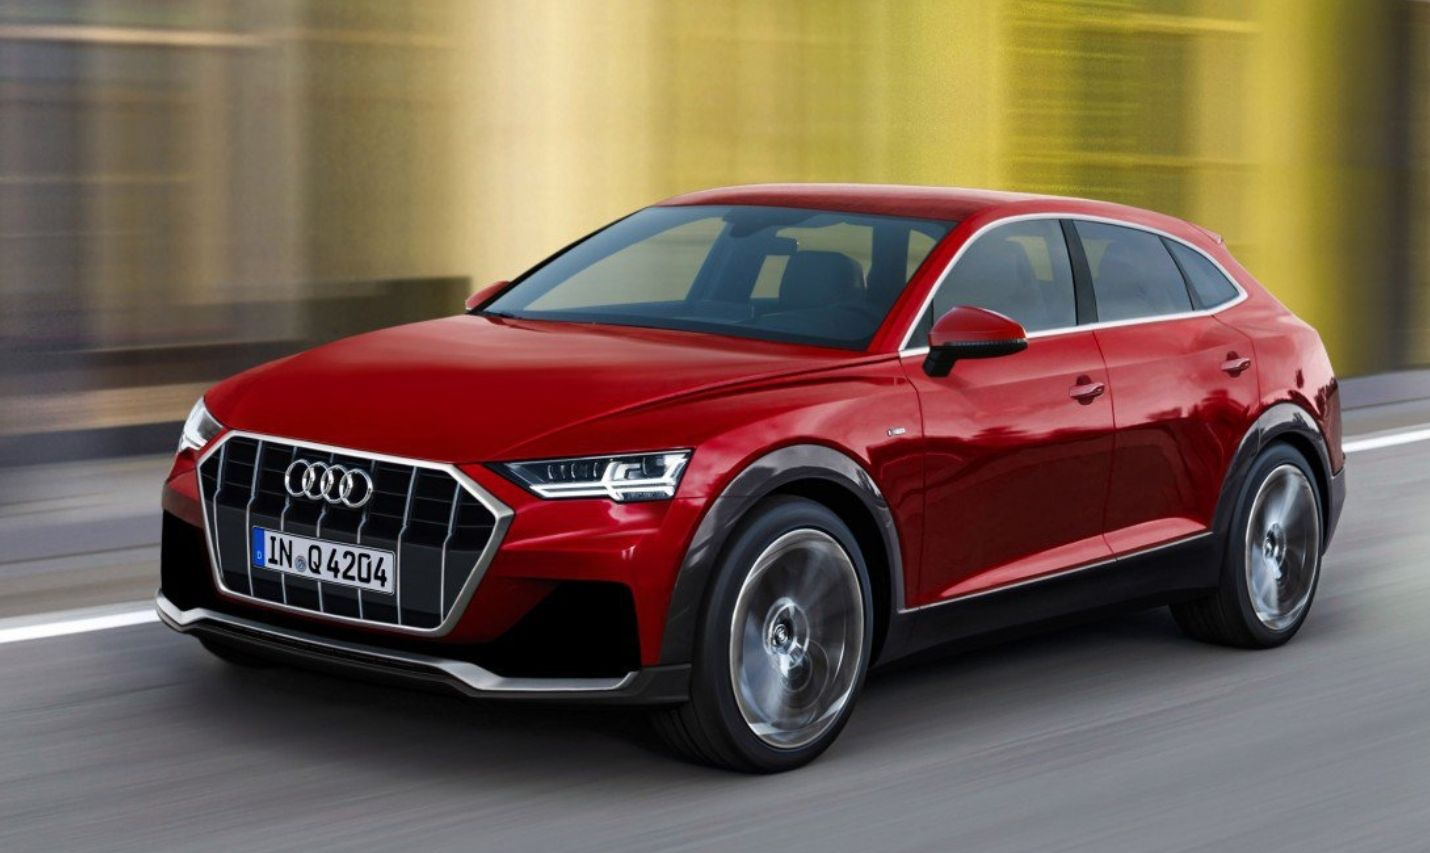 Preis und Bewertung 2020 Audi Q4s